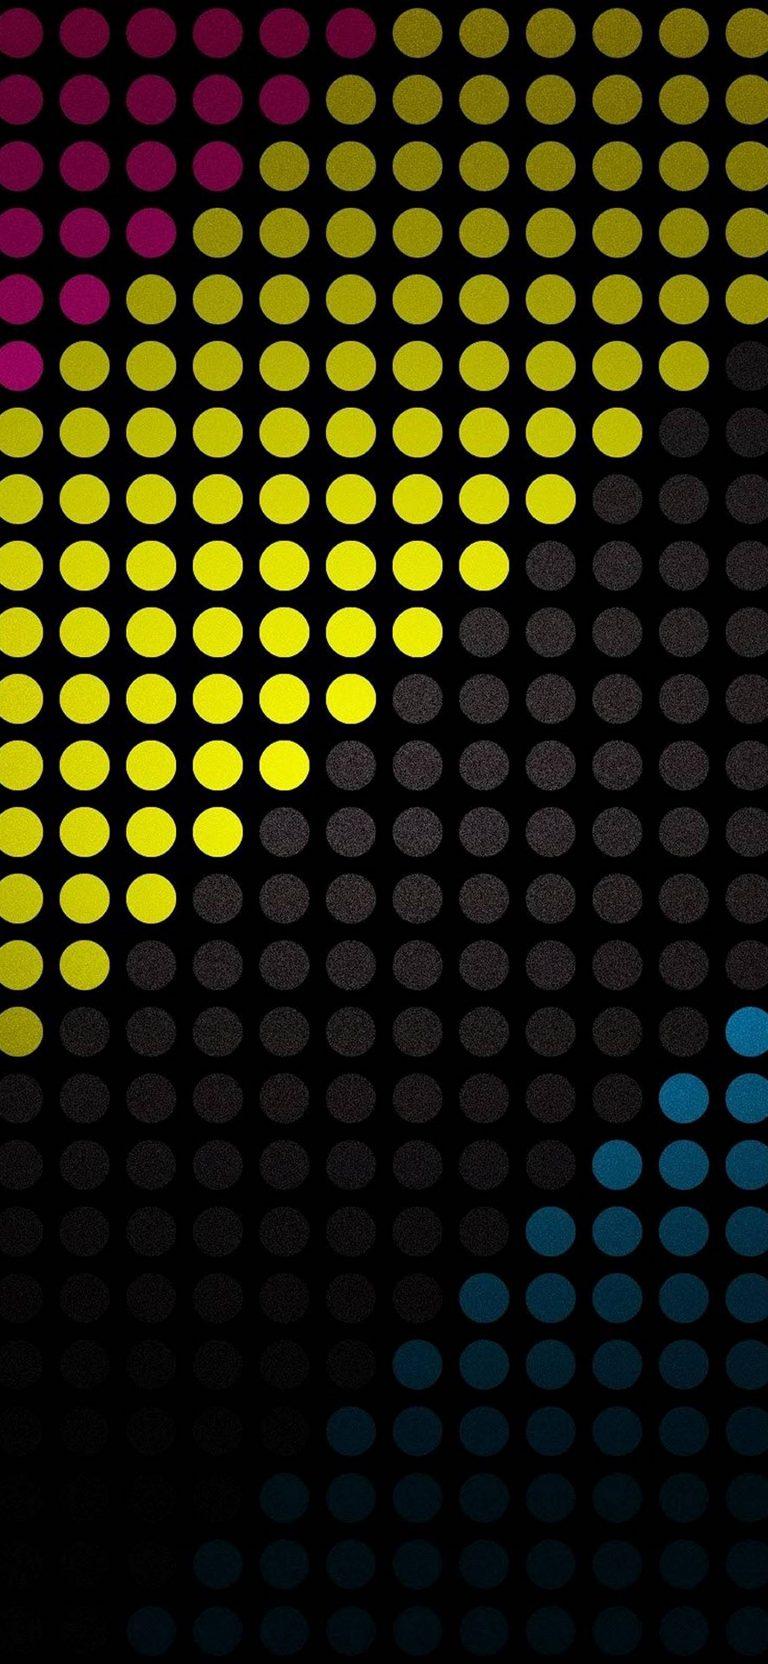 1440x3120 Wallpaper 012 768x1664